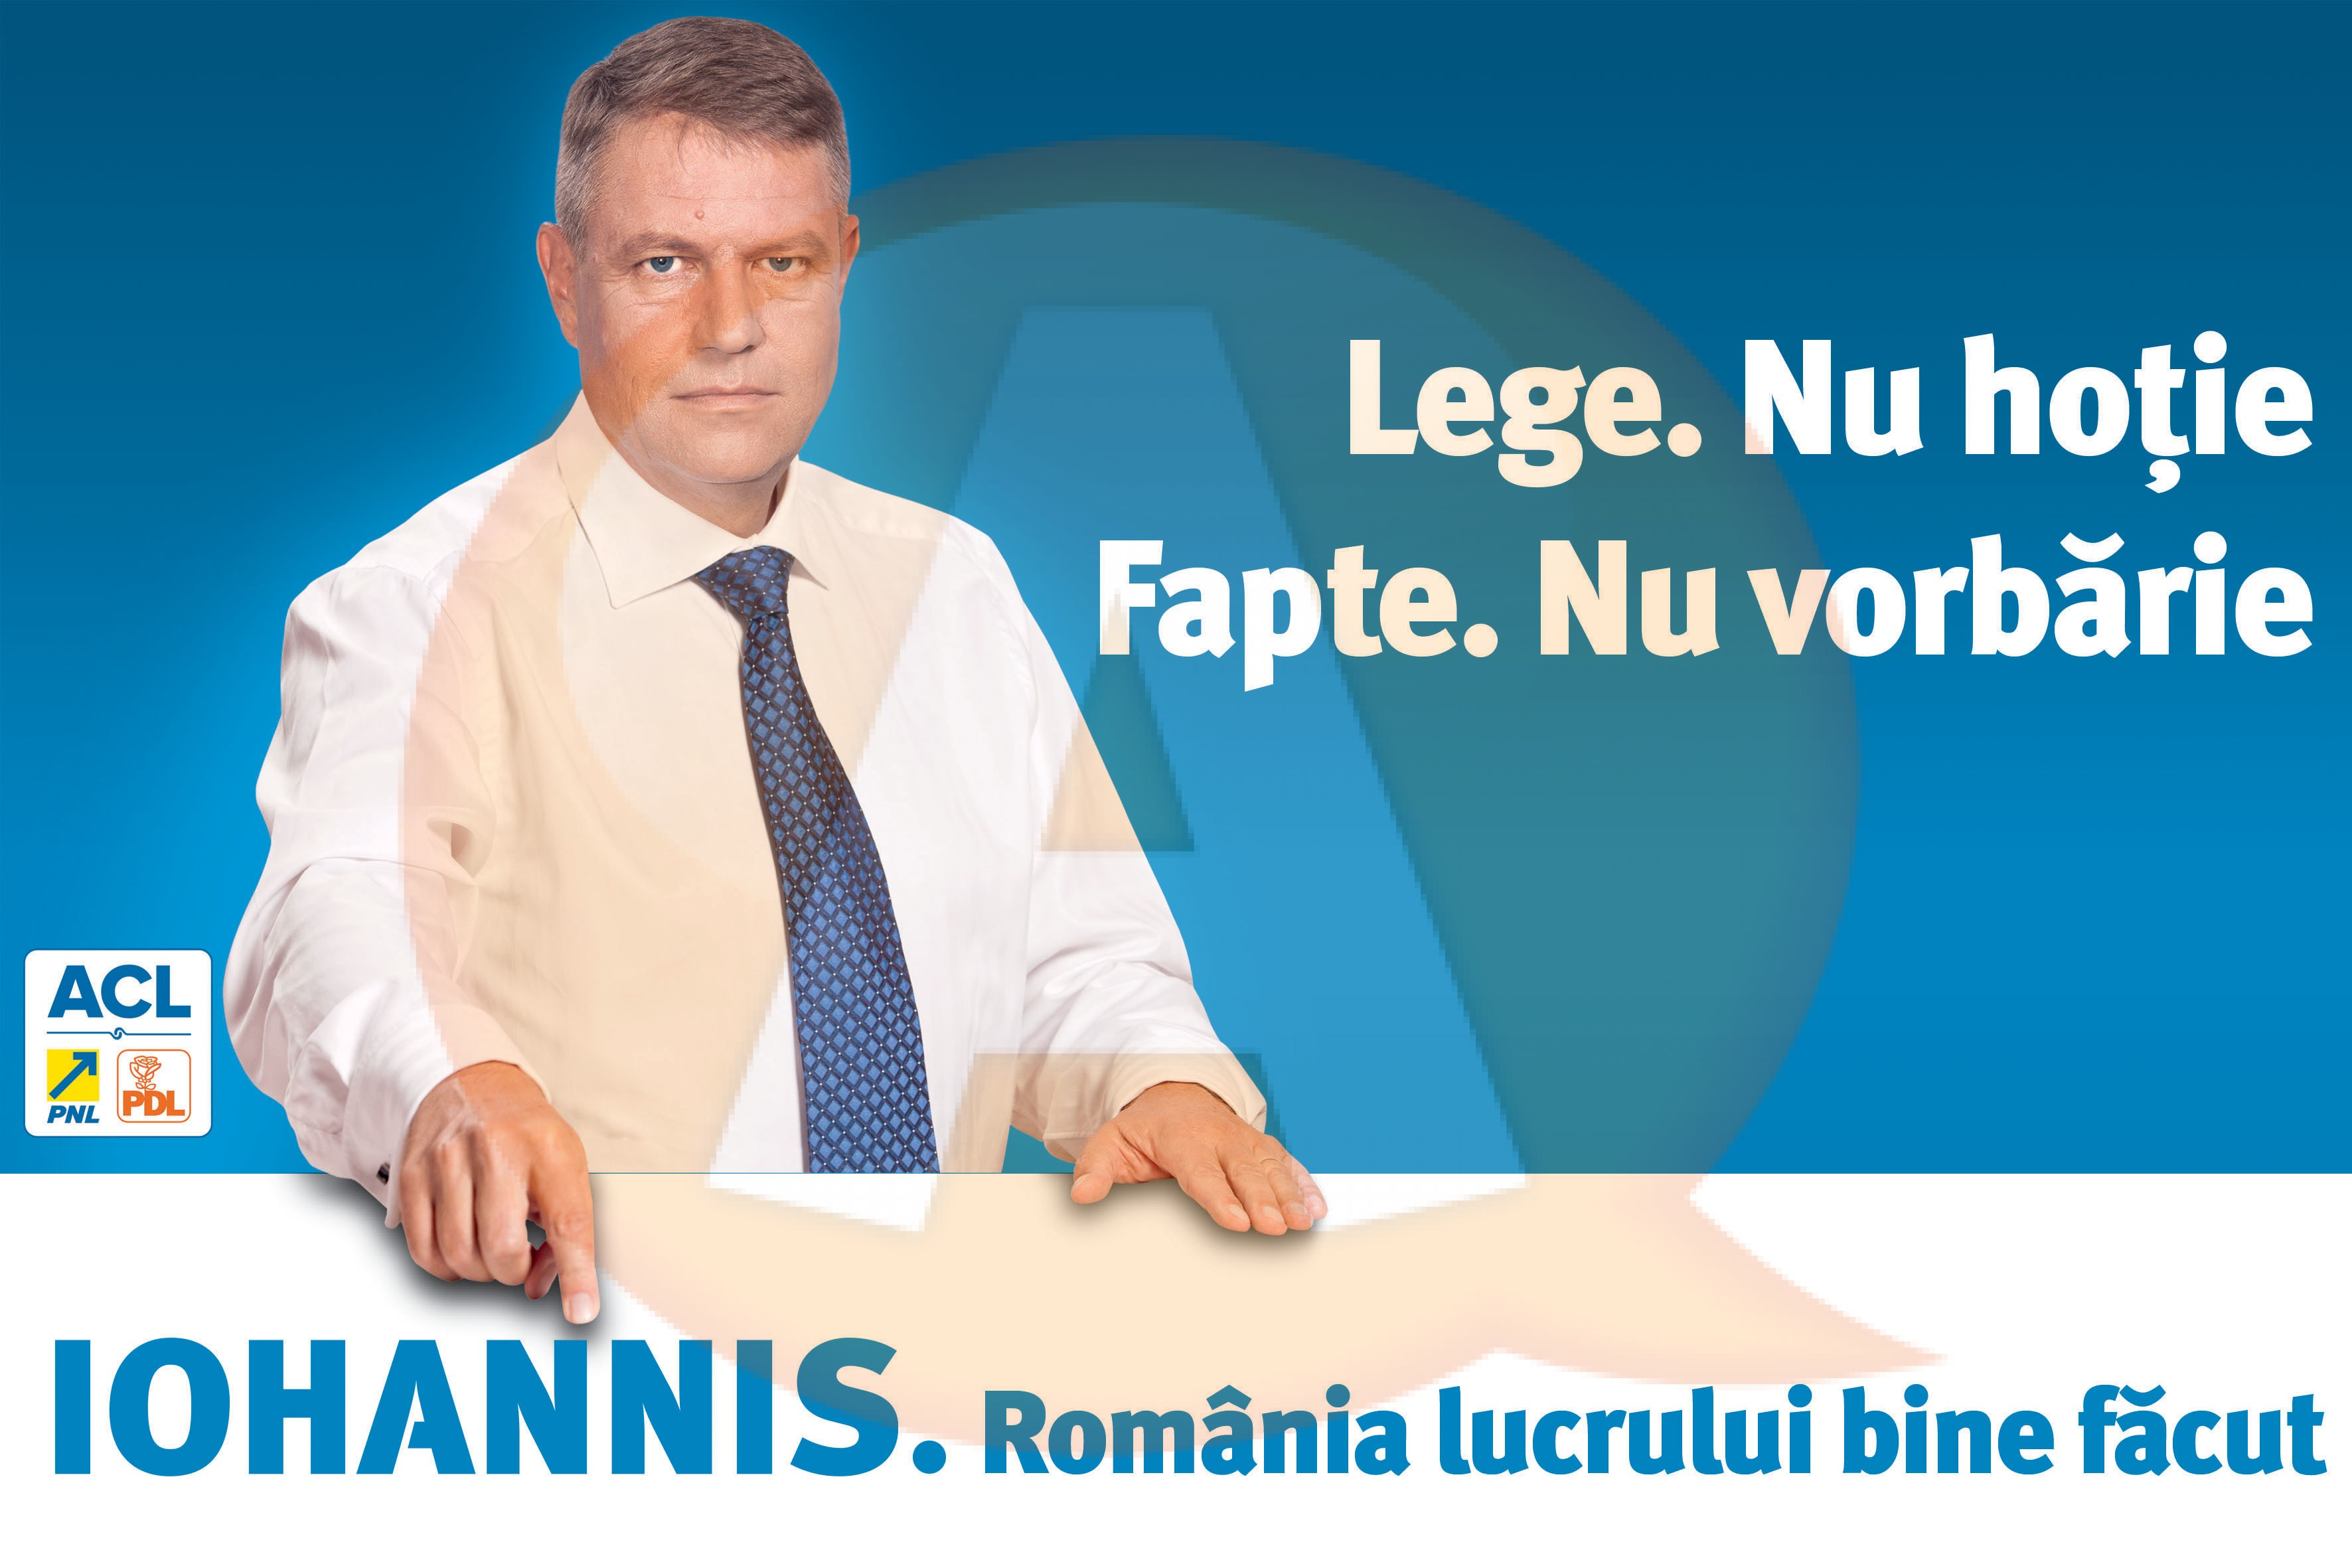 Rezultate Alegeri Prezidentiale 2014: Klaus Iohannis este presedintele Romaniei